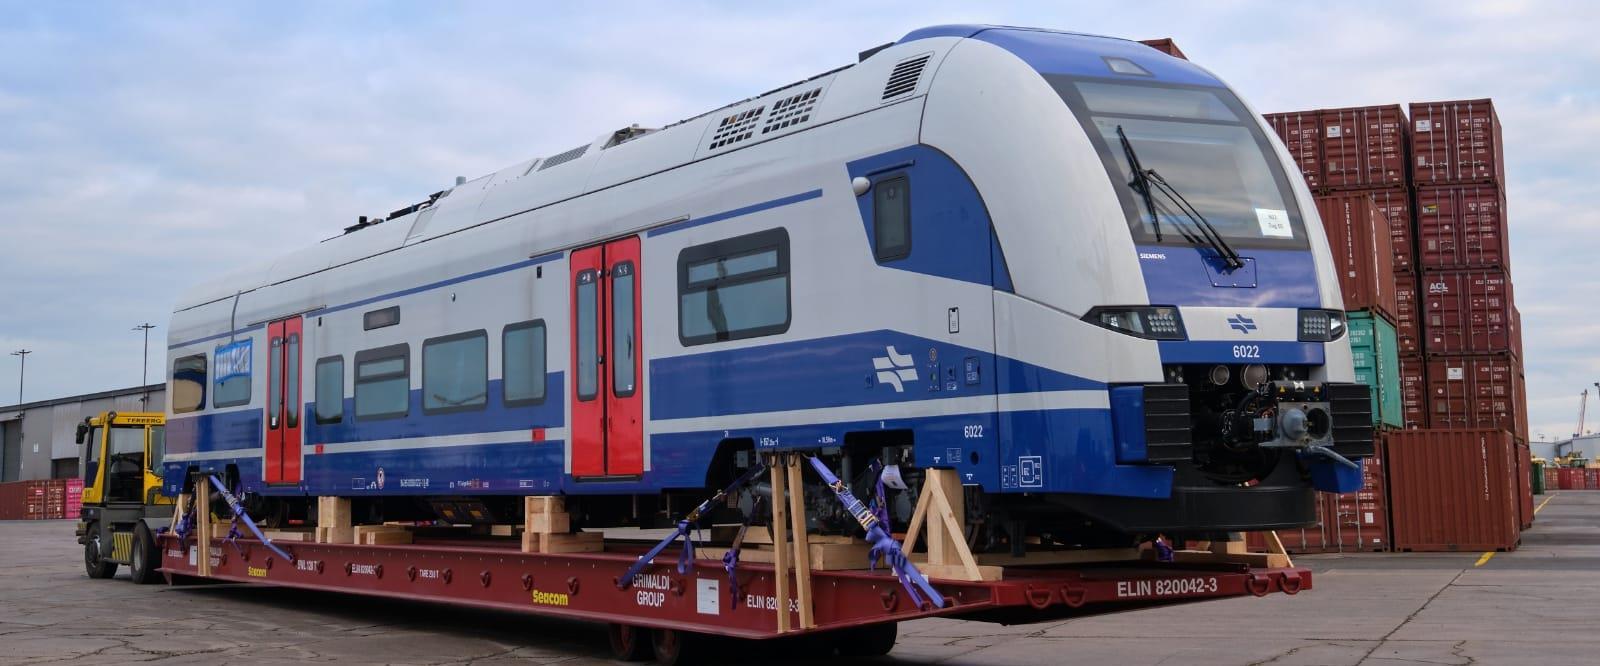 הרכבת החדשה